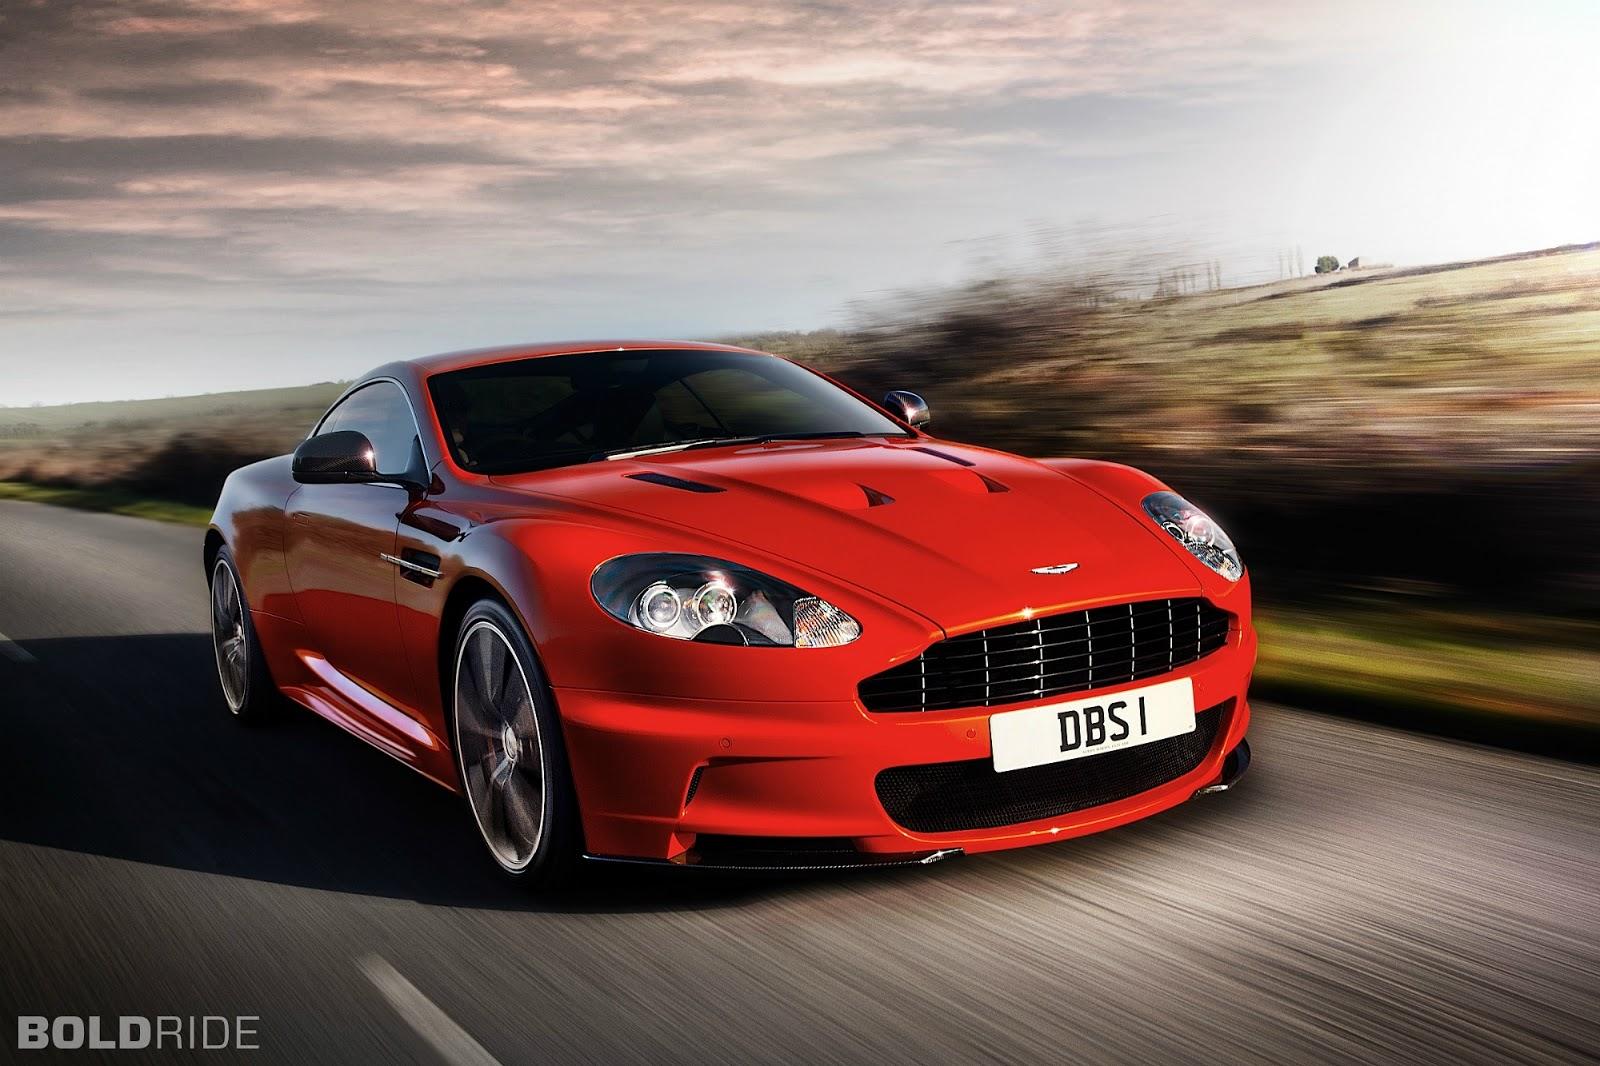 Aston Martin Dbs Takeyoshi Images